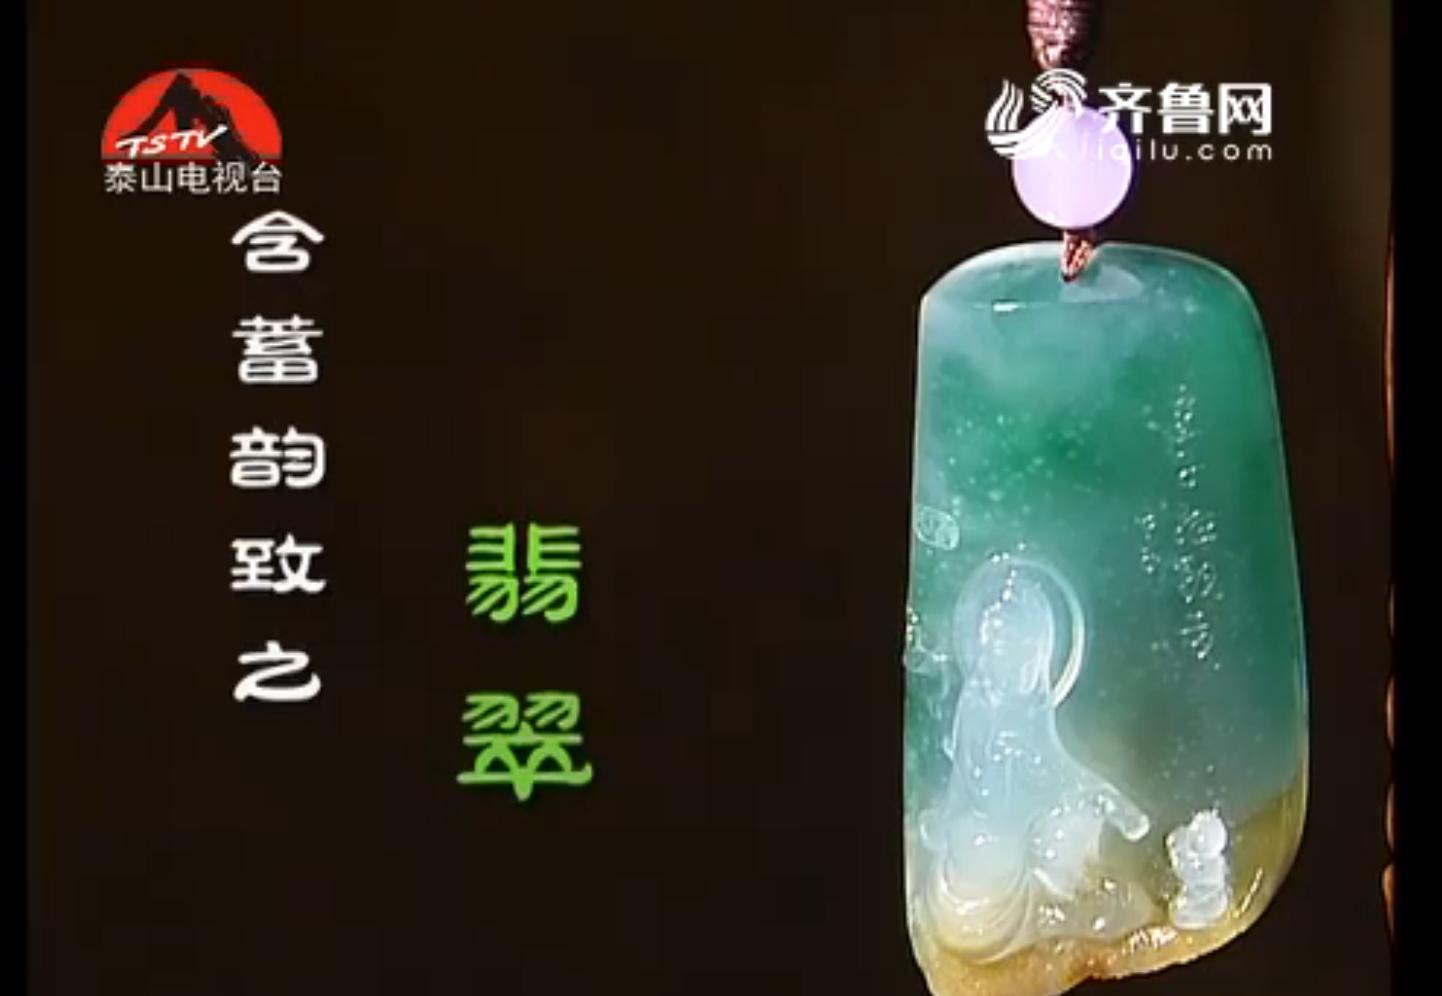 20160911《唐三彩》:含蓄韵致之翡翠